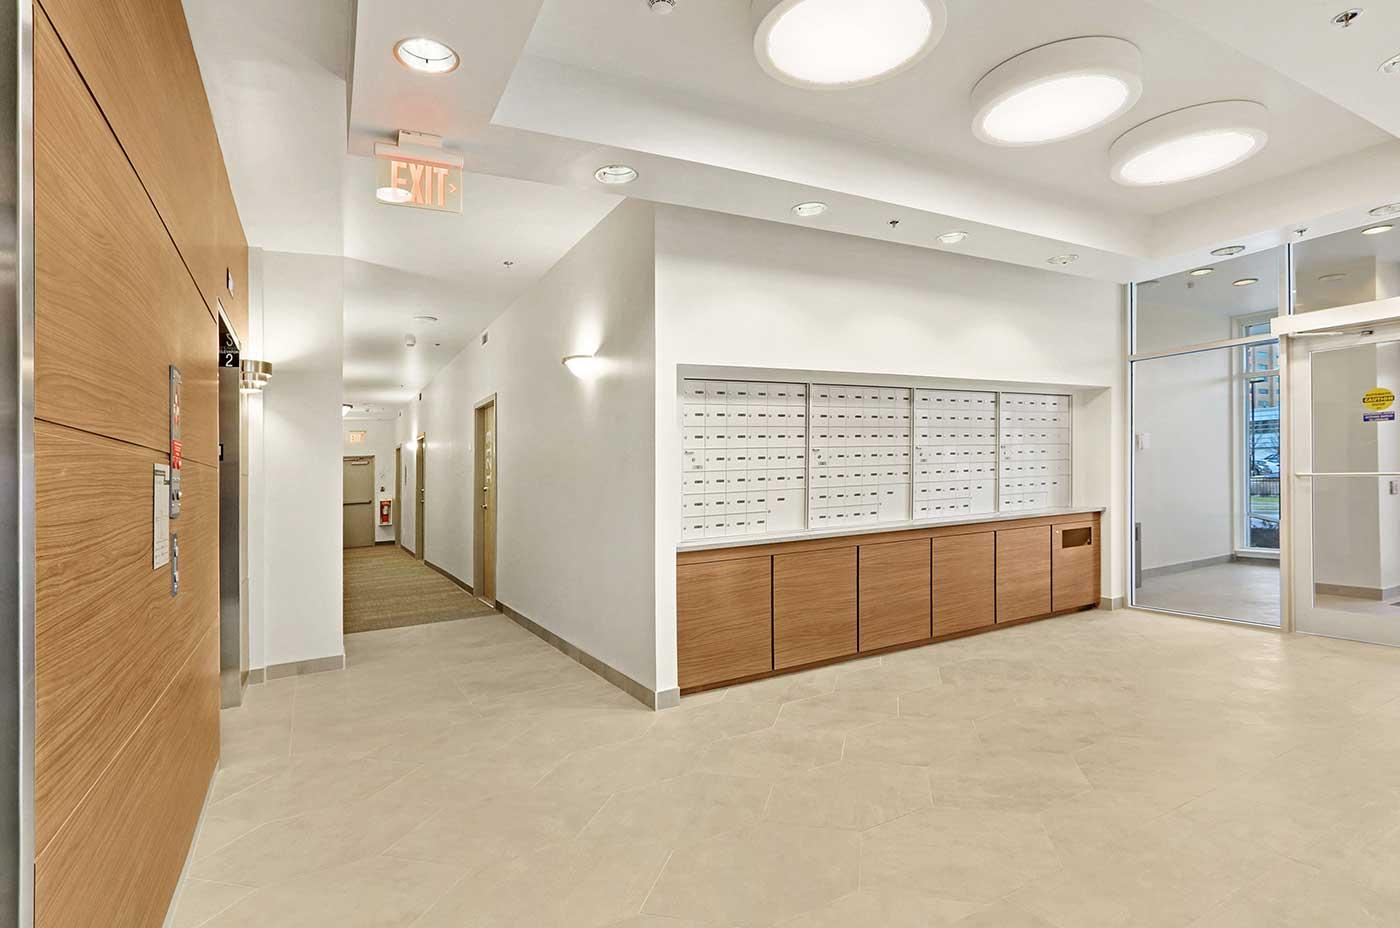 1215-apartments-calgary-lobby